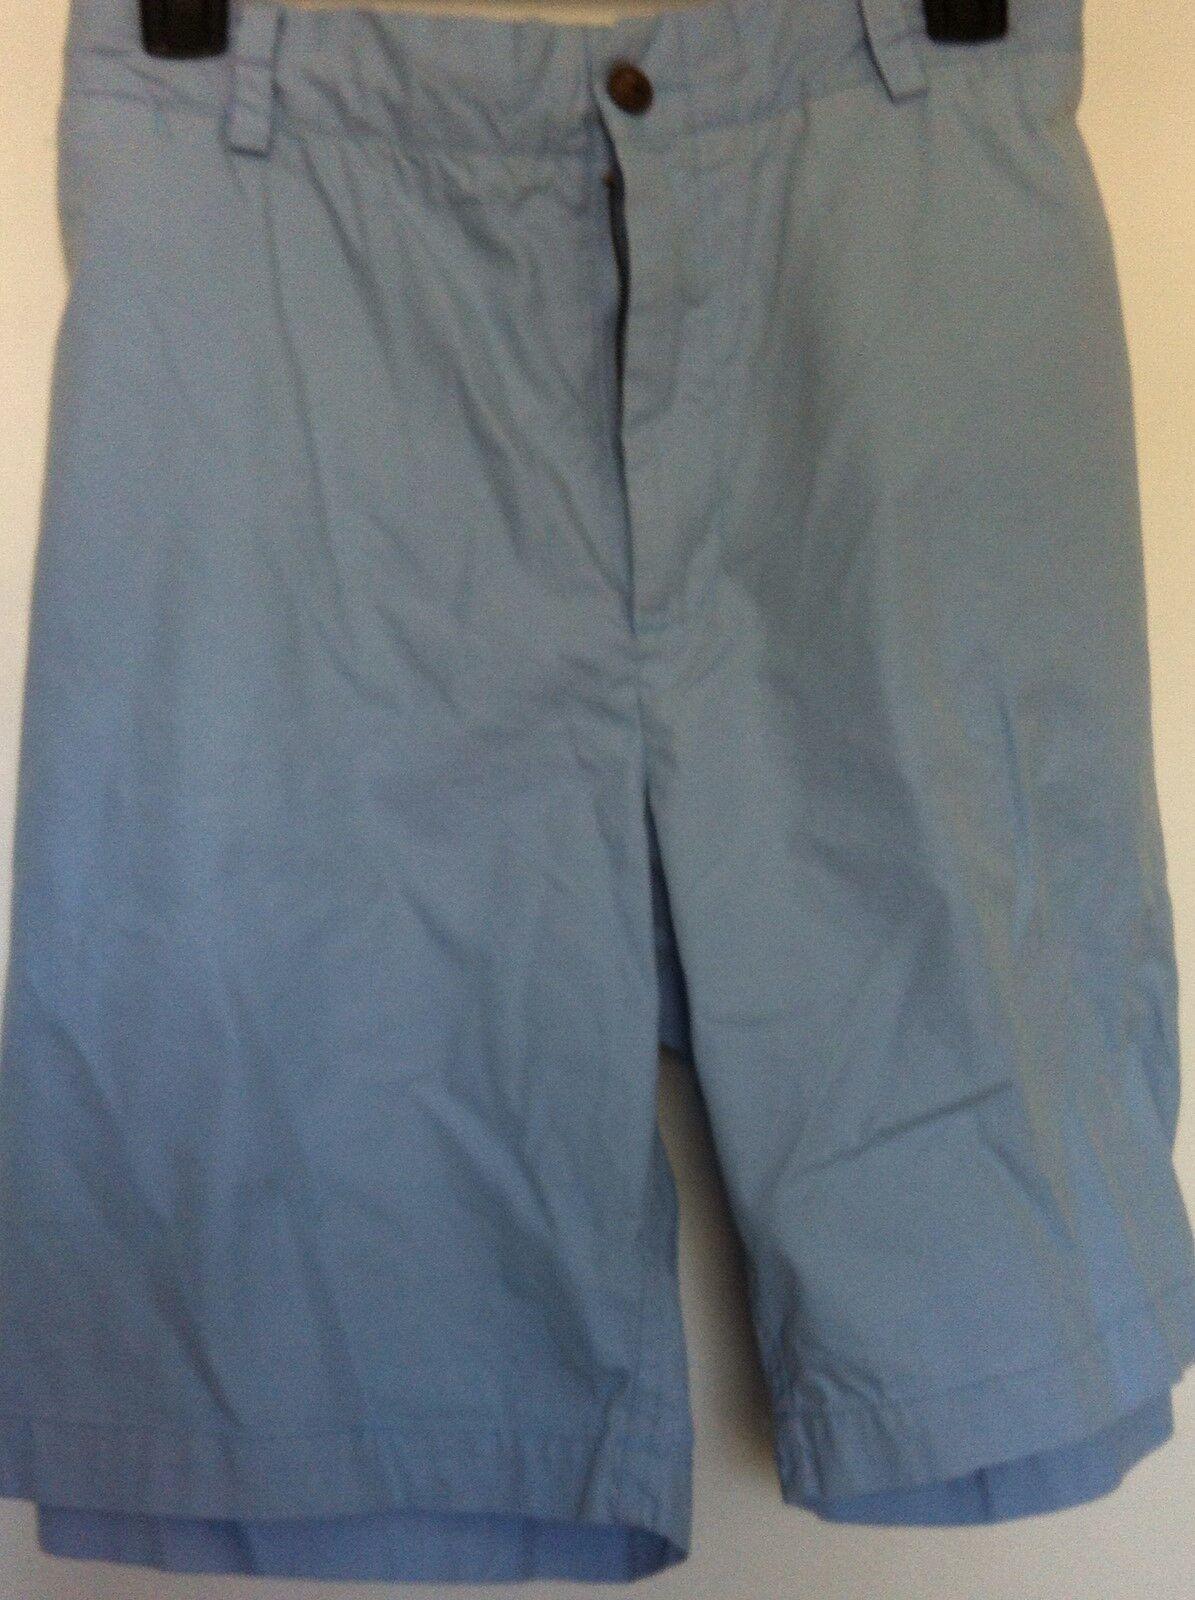 Polo Ralph Lauren SwimtrunksSolid Light blueeCotton Nylon BlendSize 42NWT